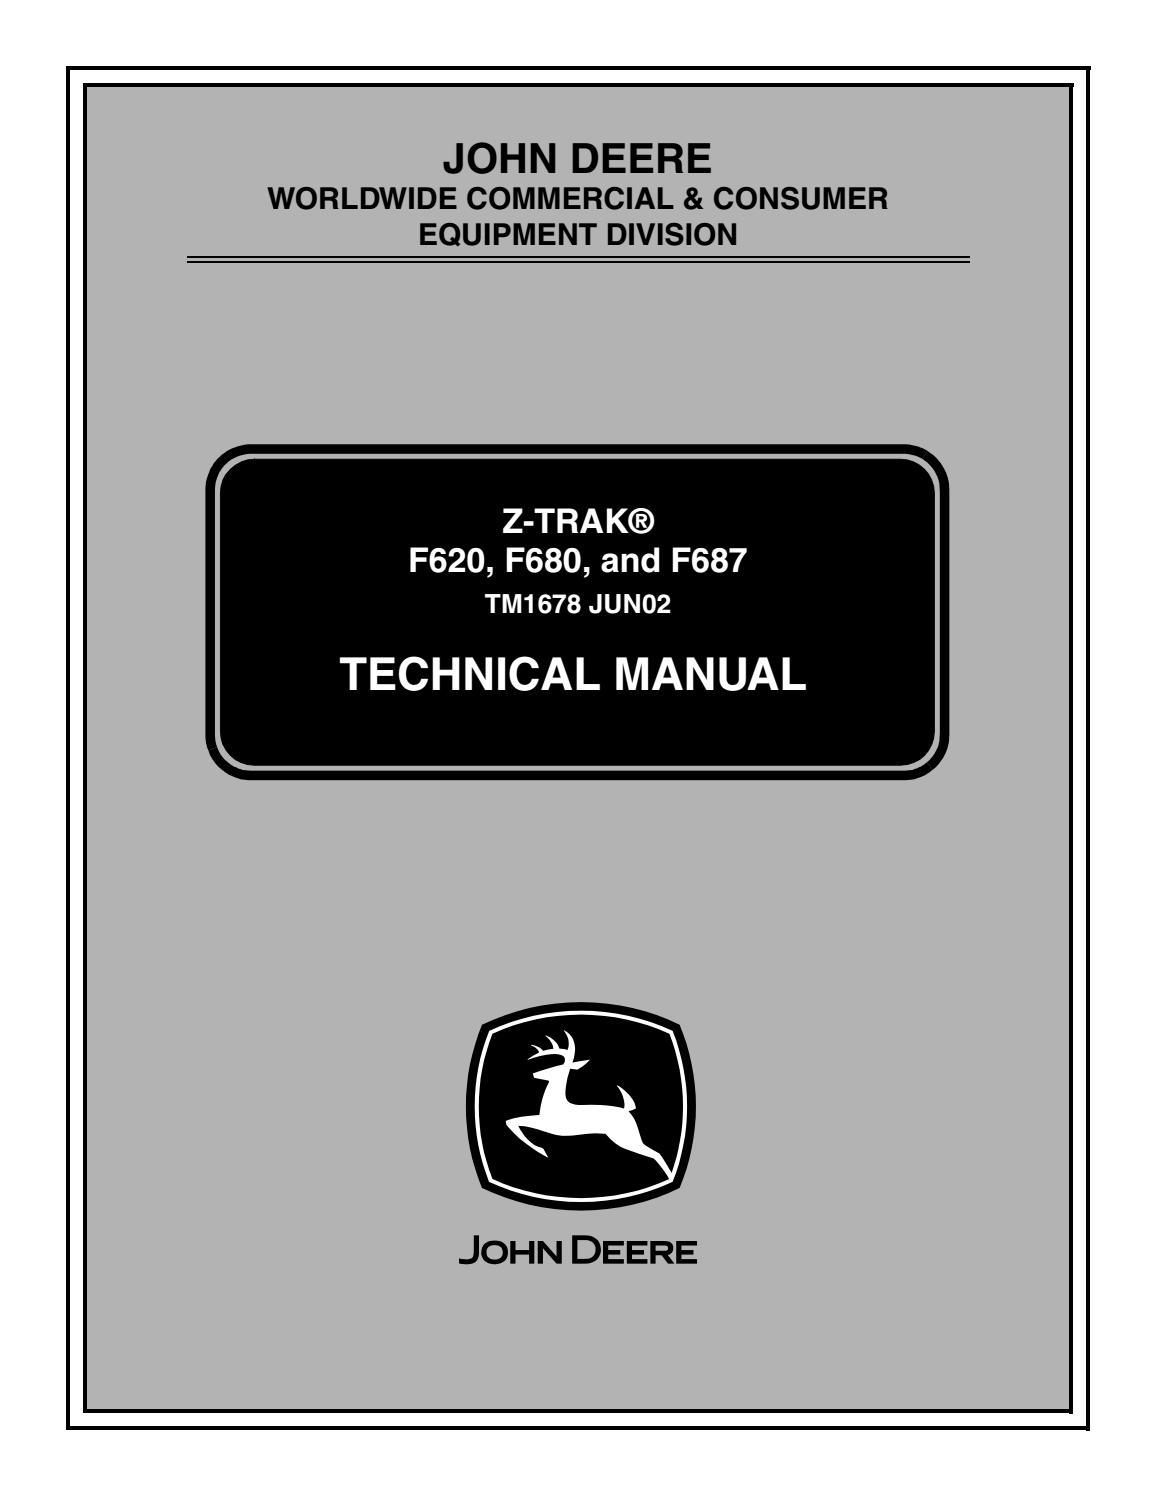 John Deere Z-Trak F620 Mower Service Repair Manual (TM1678